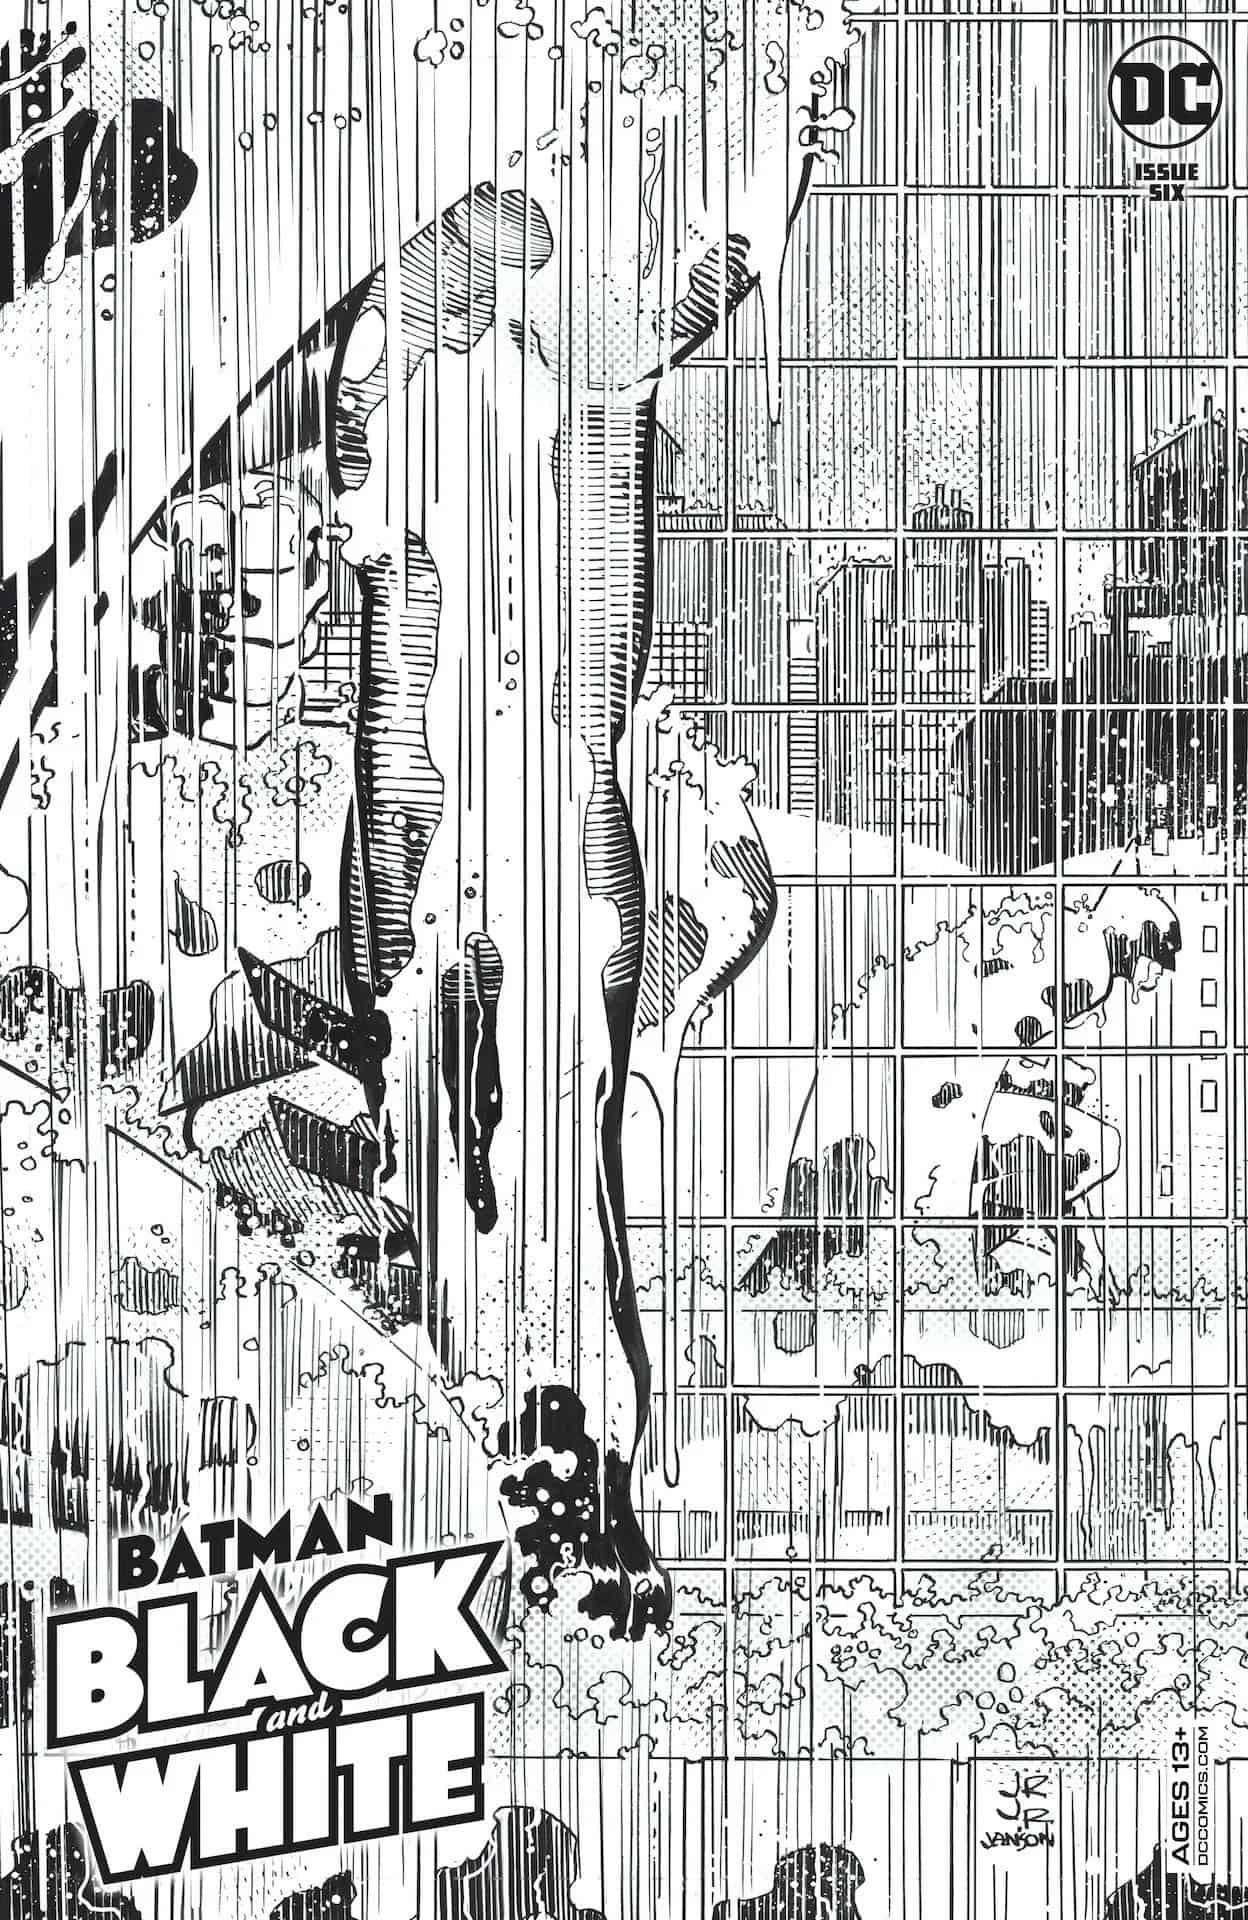 batman_bw_e6_cover